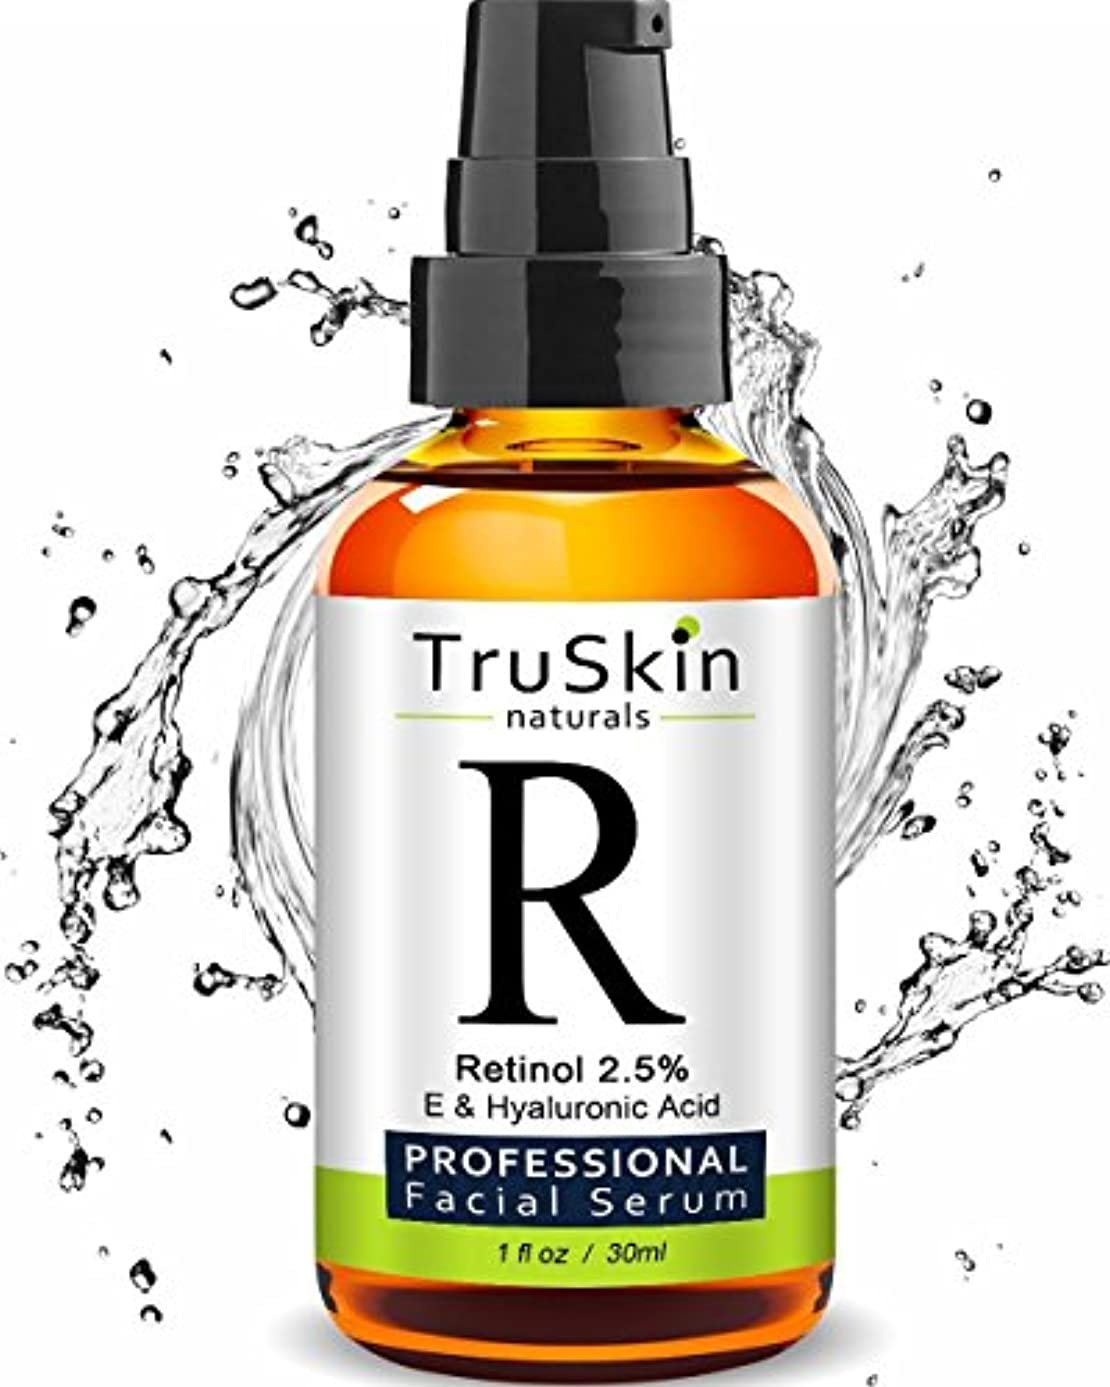 ジョガーリサイクルするいわゆるアメリカで一番売れてる TruSkin Naturals社 の オーガニック ビタミンCセラム TruSkin Naturals Vitamin C Serum